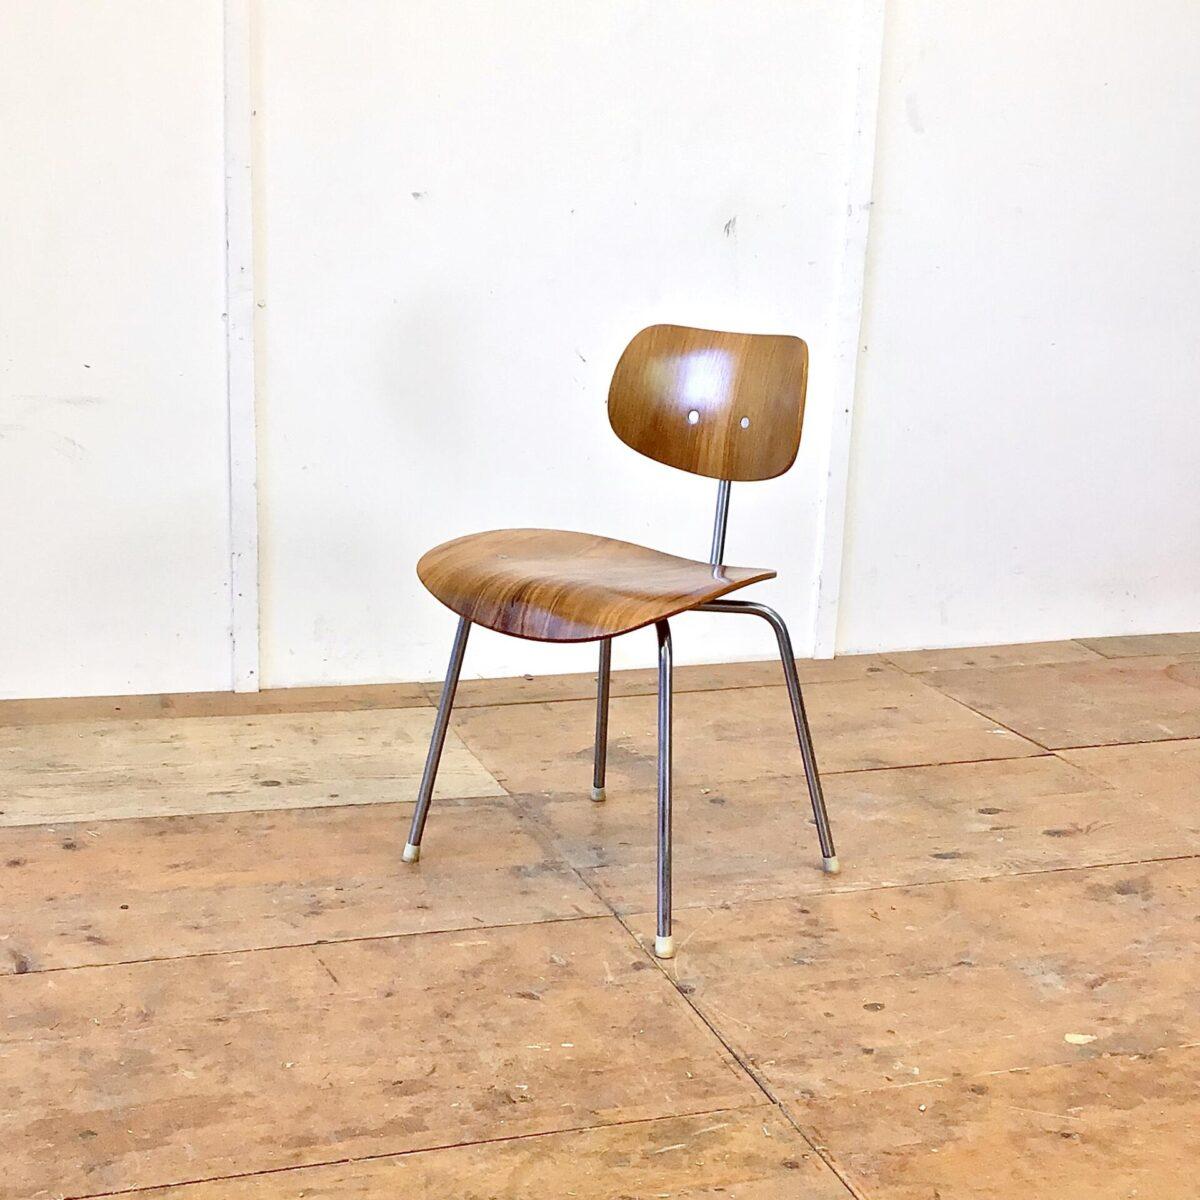 Deuxieme.shop Schön erhaltener SE 68 Stapelstuhl von Egon Eiermann für Wilde + Spieth aus den 60er Jahren. Sitz und Lehne Nussbaum Furnier. Metall Gestell verchromt, altersbedingt leicht matt.